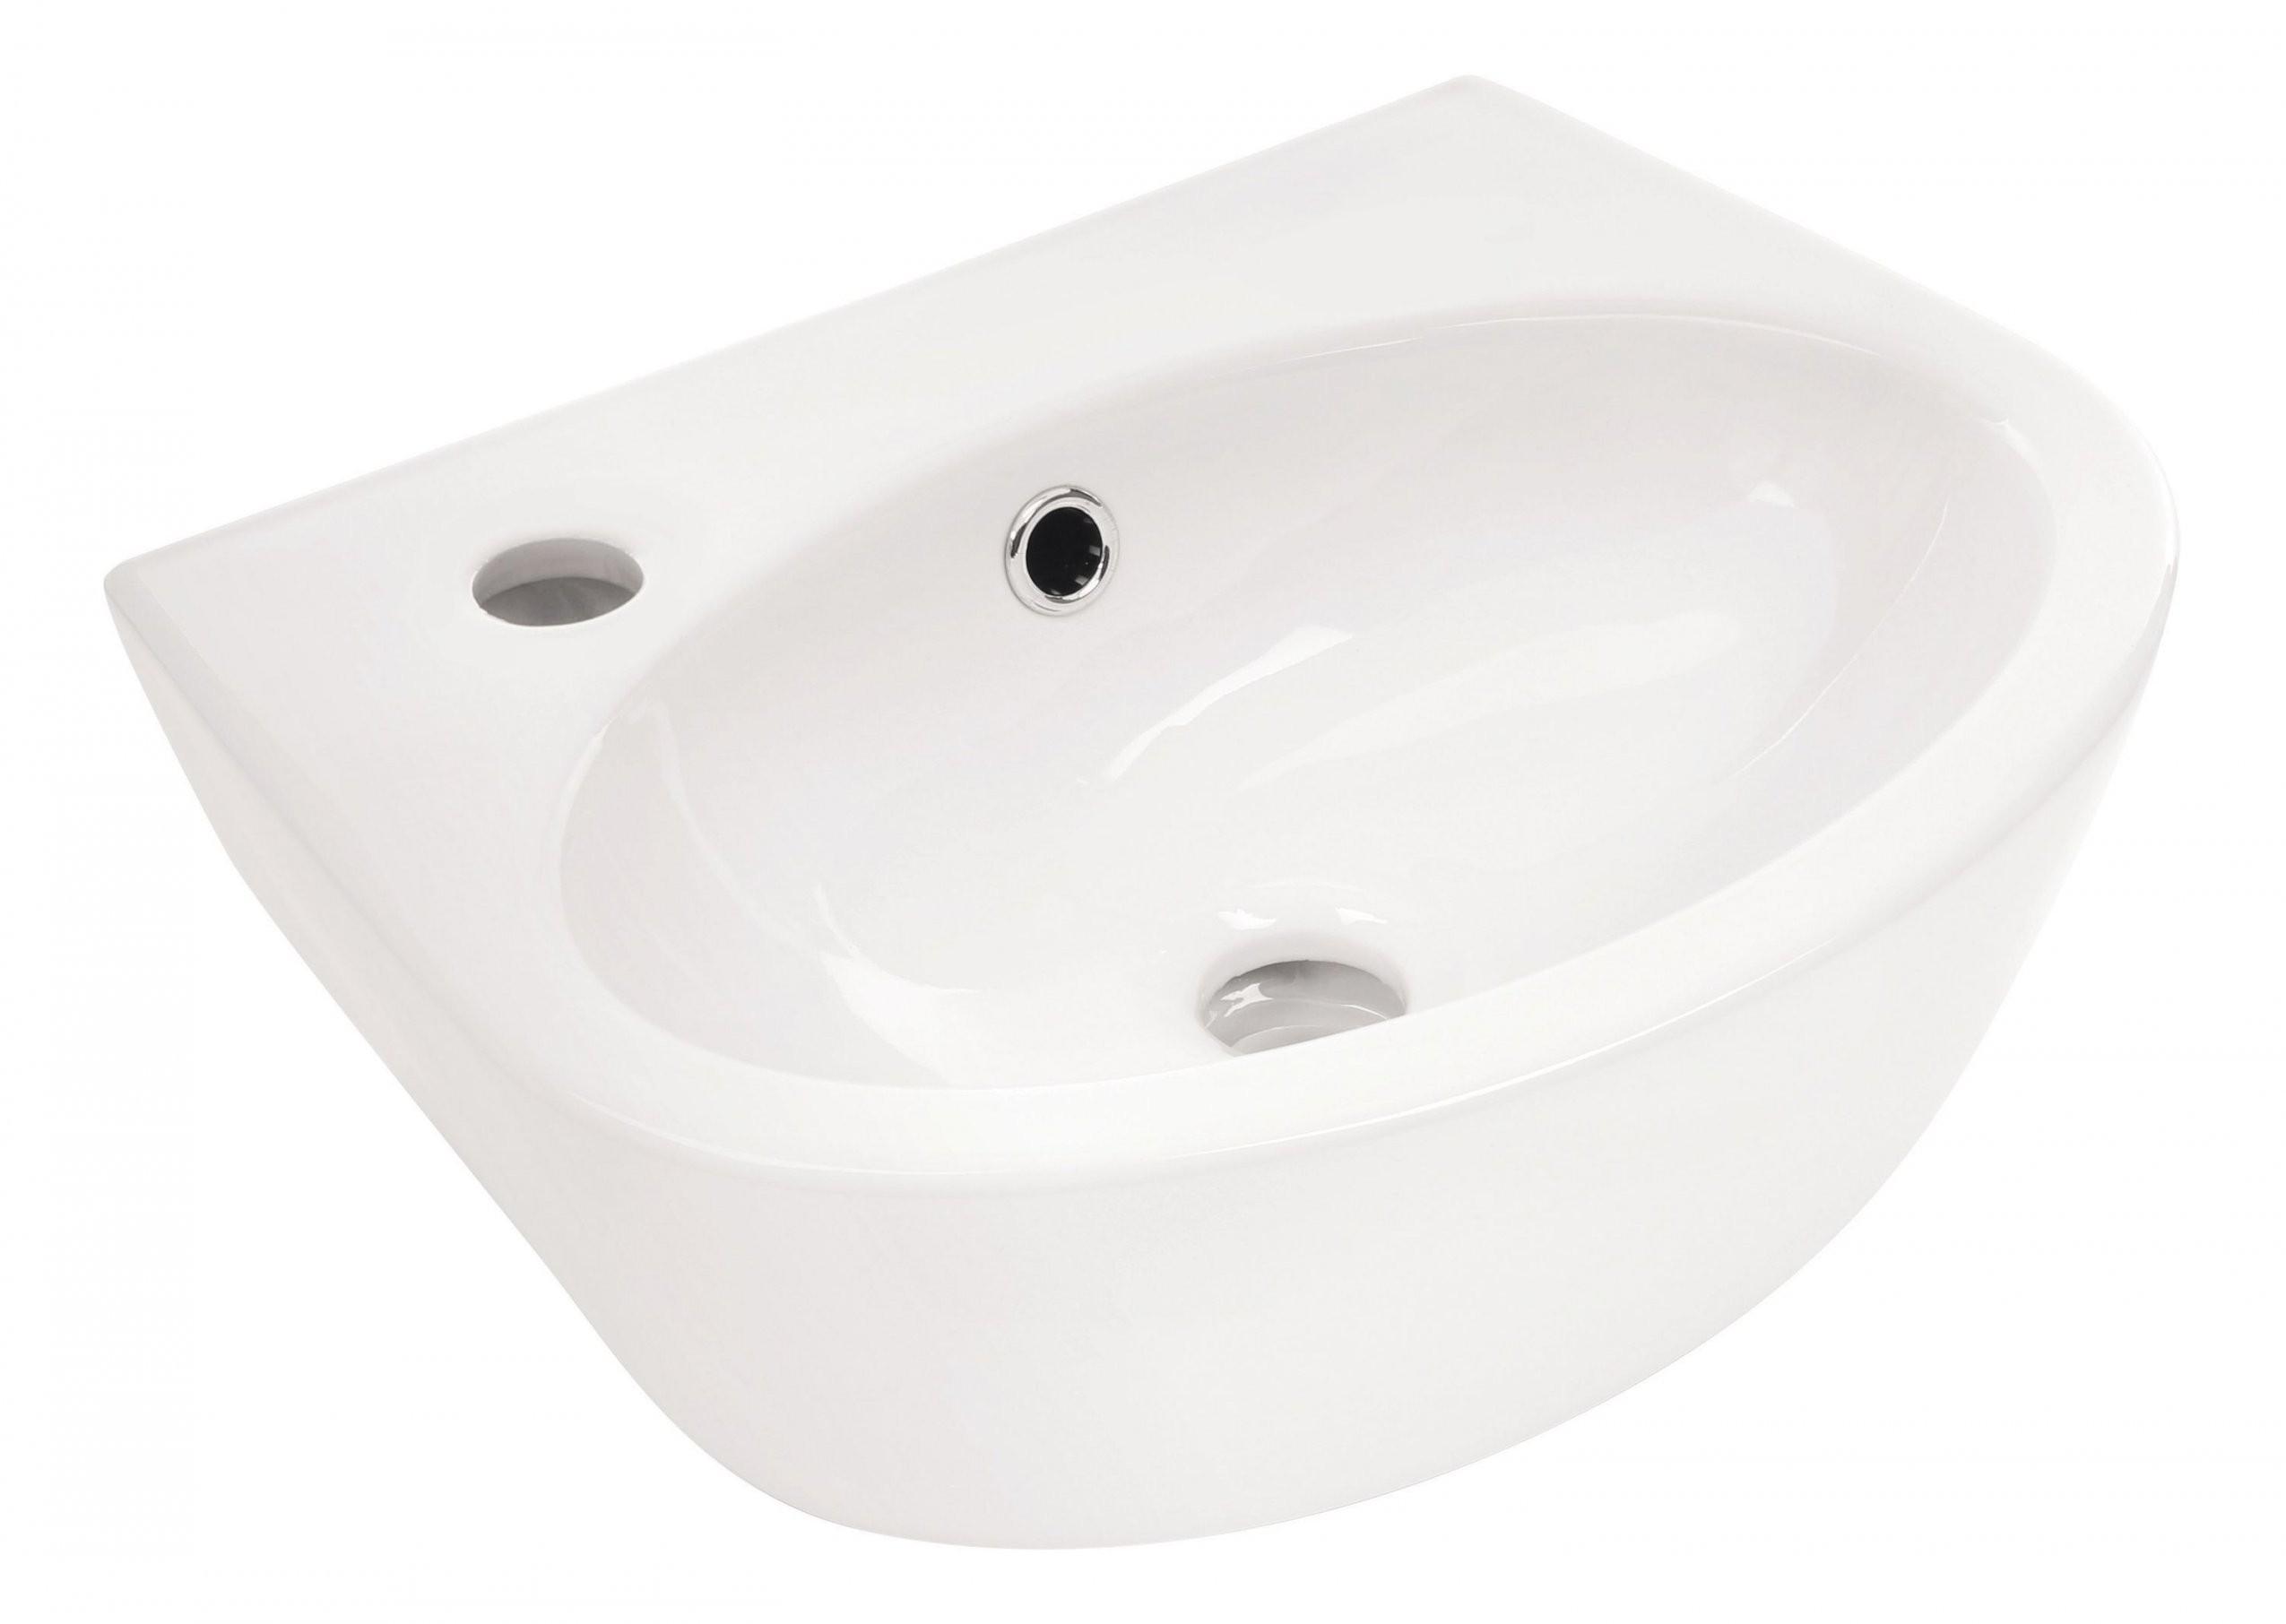 Handwaschbecken kleine waschbecken g nstig bei for Kleine badewannen gunstig